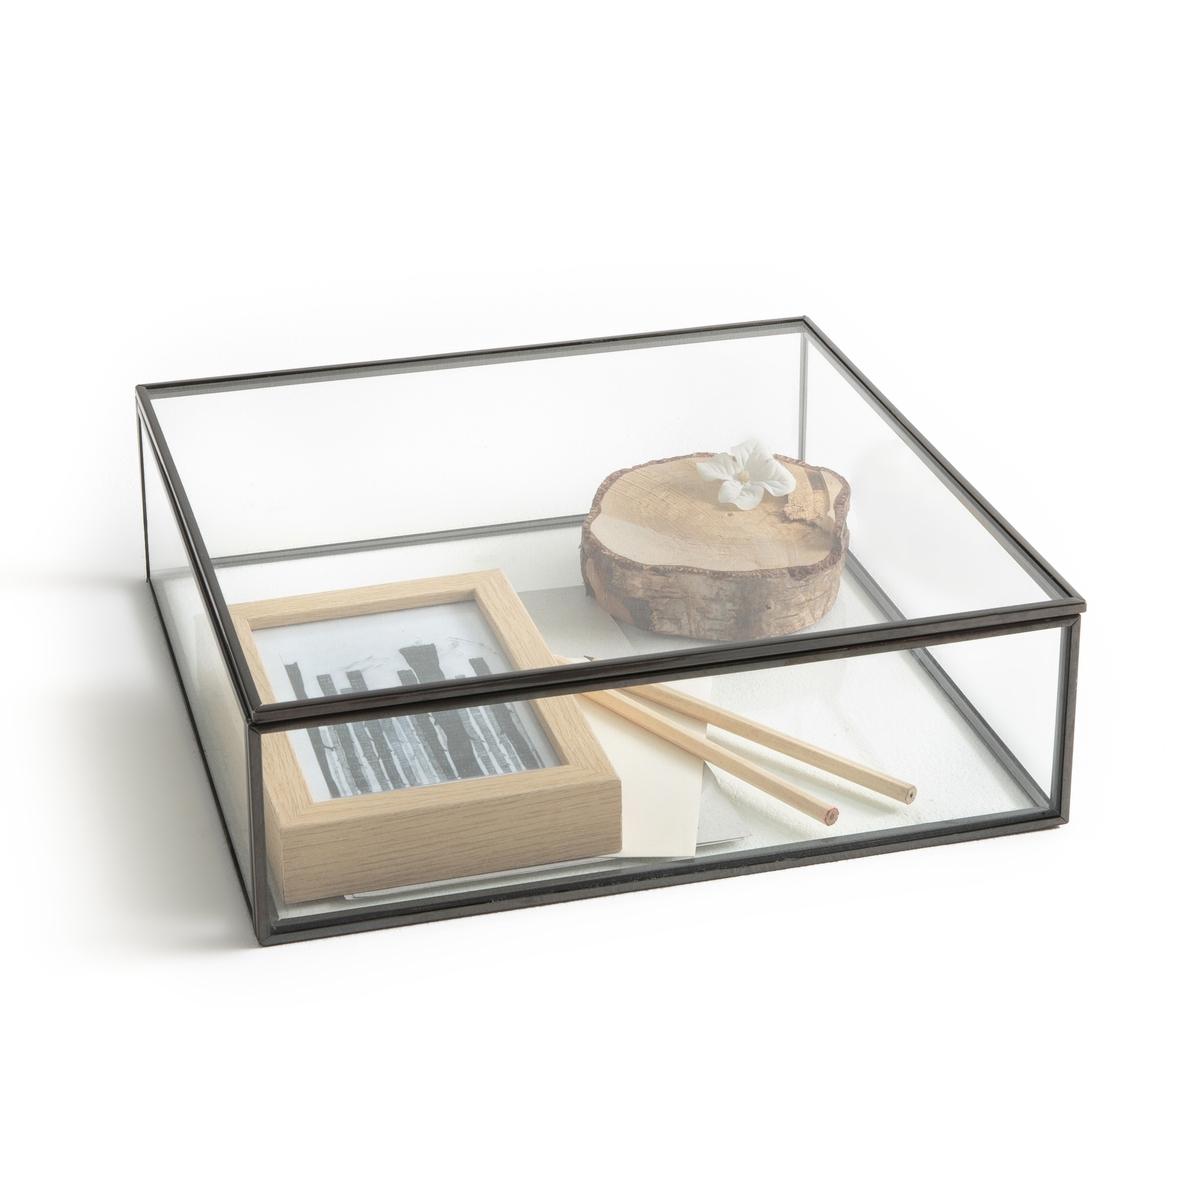 Коробка-витрина, Ш30 x В9 x Г30 см, Digori